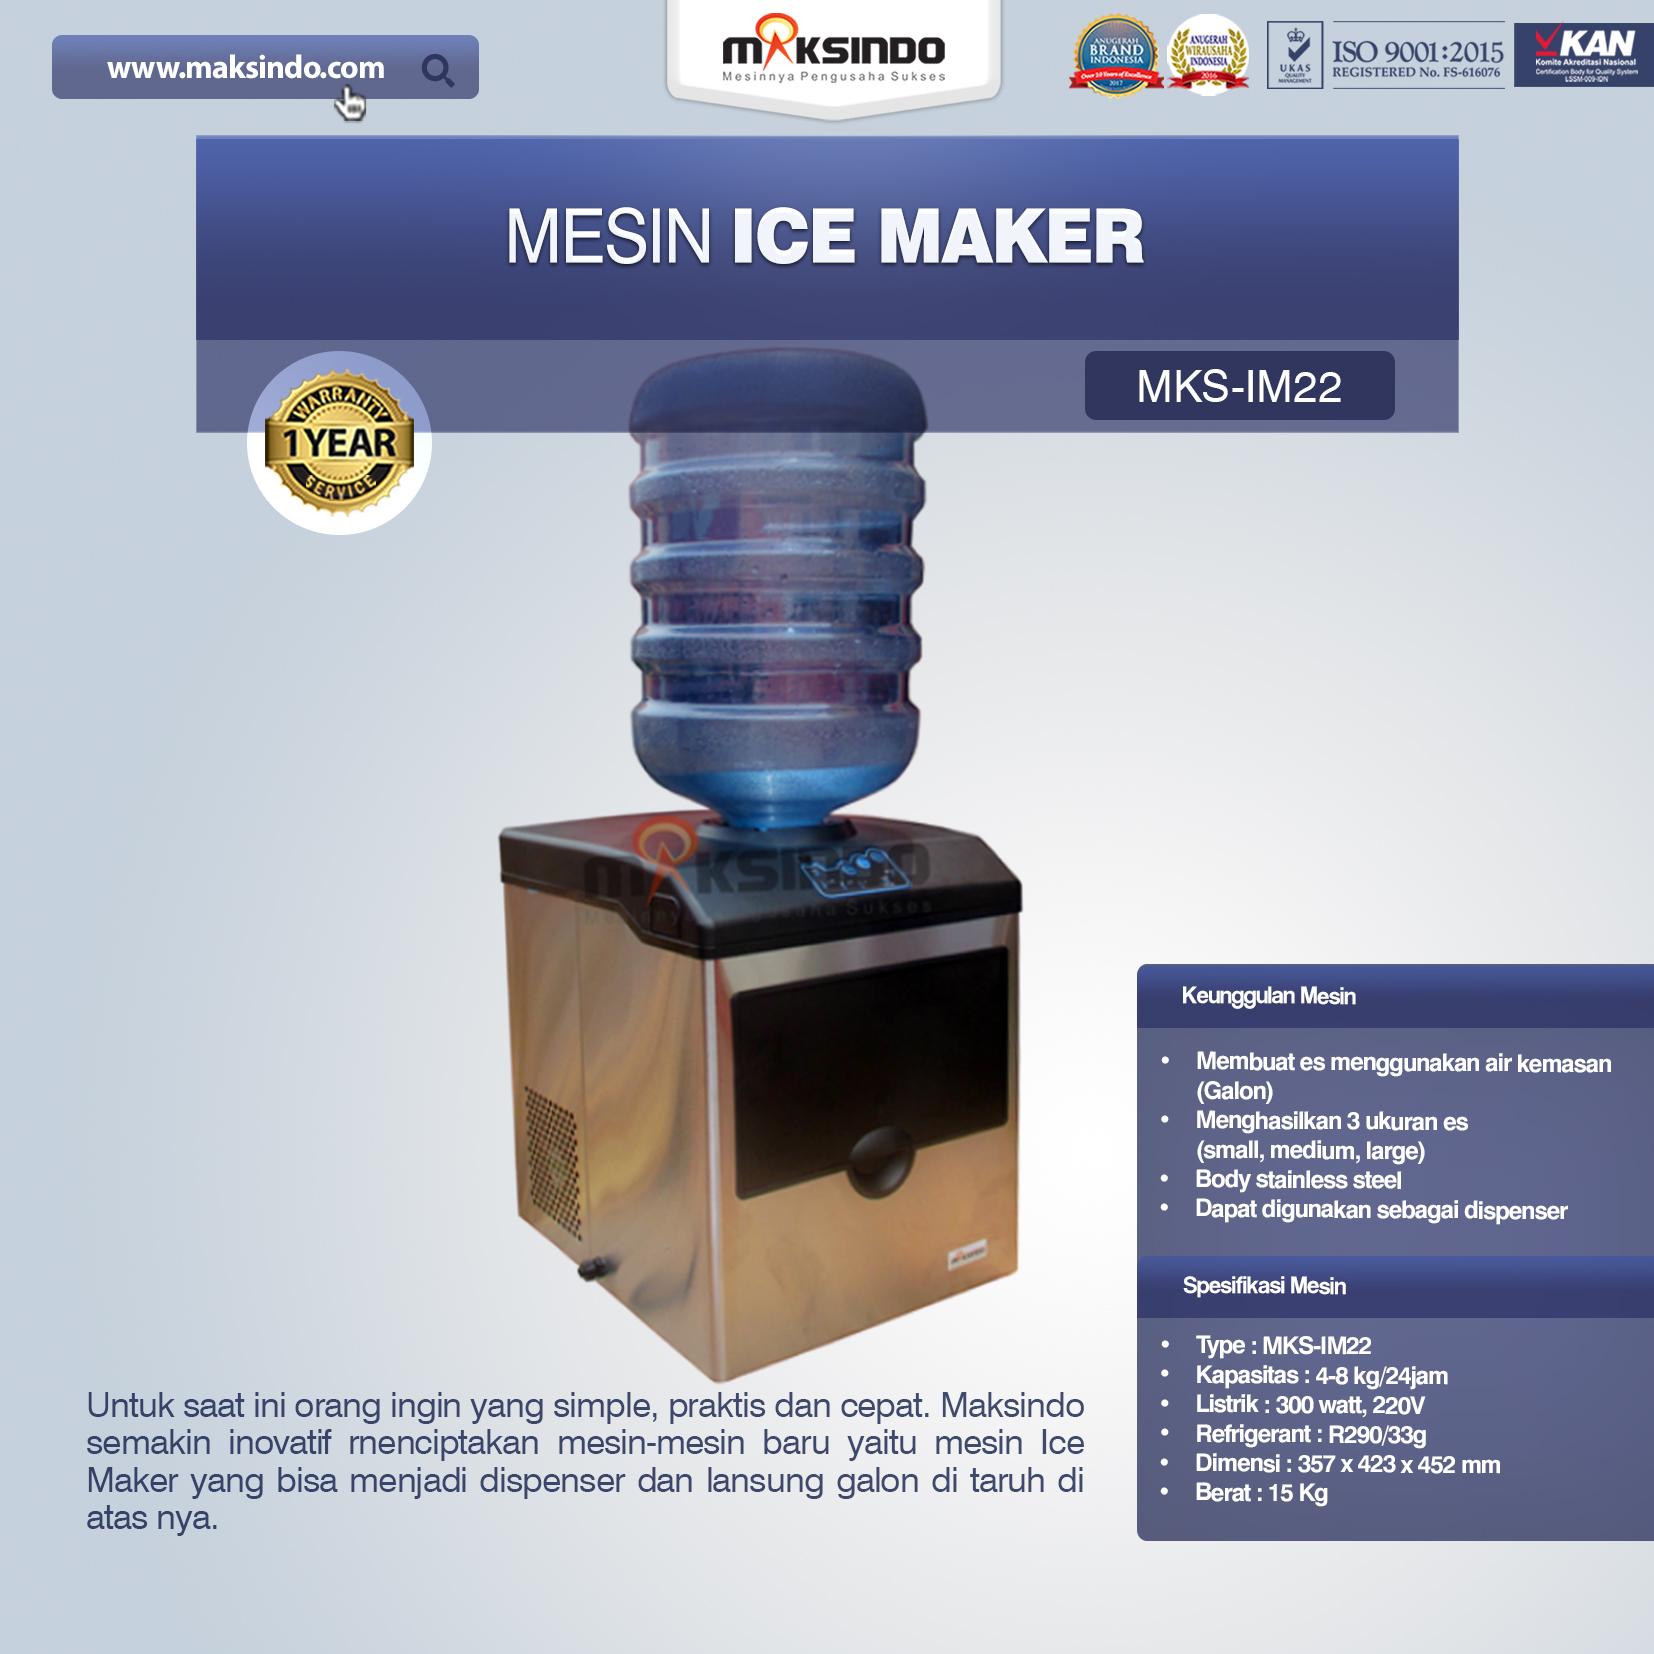 Jual Mesin Ice Maker MKS-IM22 di Malang